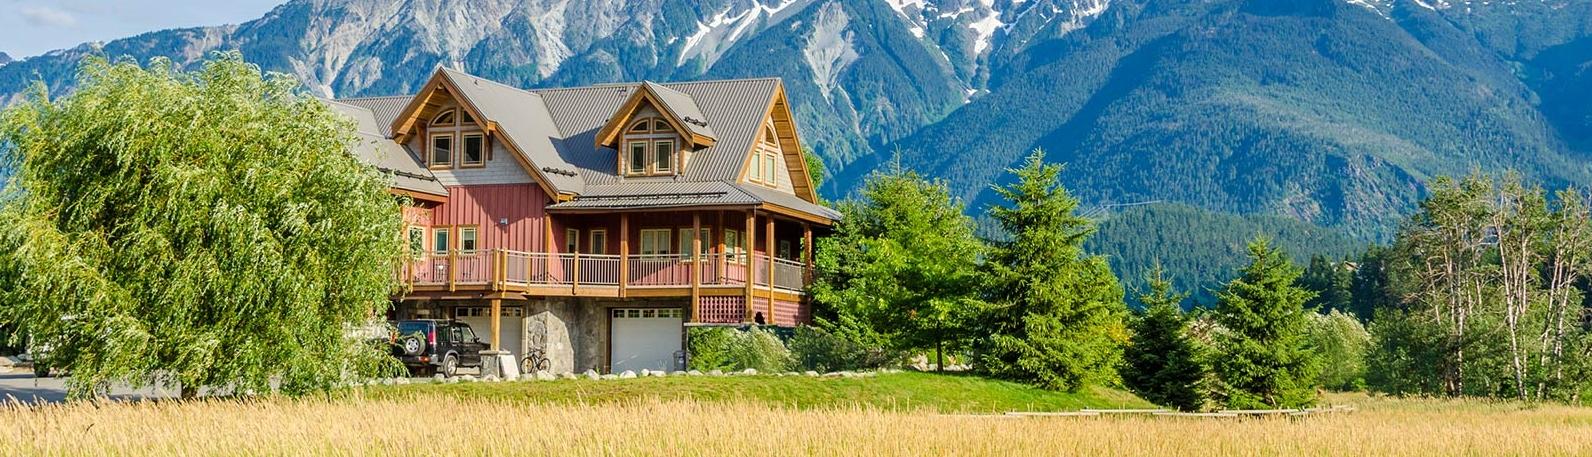 Premier Home Loans, Inc.